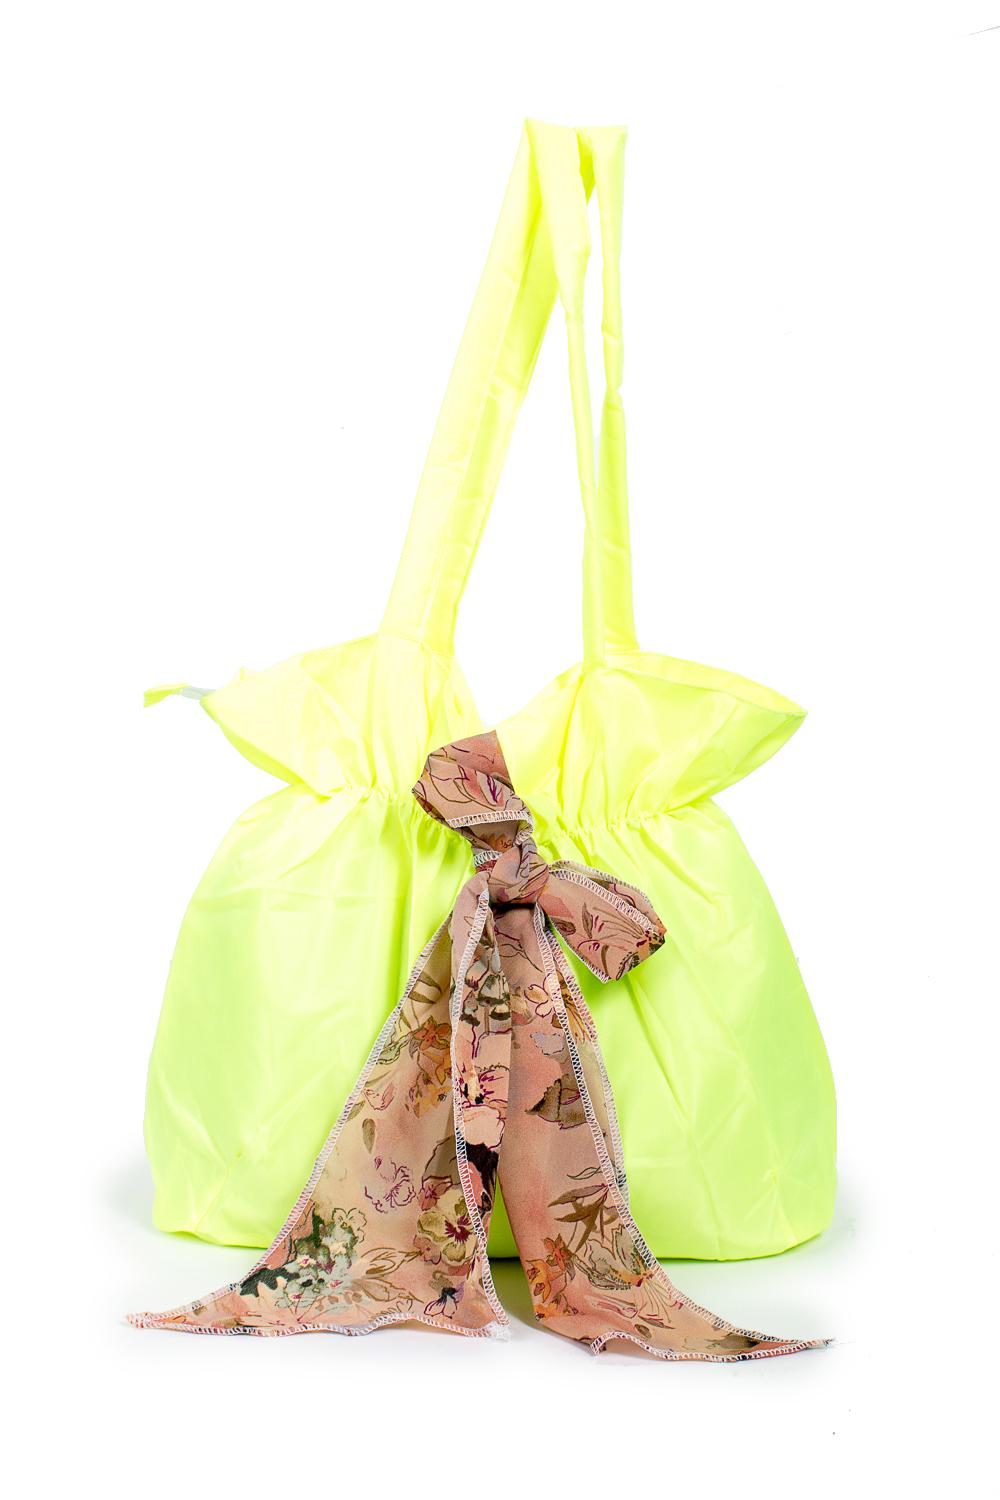 СумкаСумки-шоппинг<br>Удобная и вместительная женская сумка.  Размеры: 30*37*12 см.  Цвет: лимонный<br><br>По материалу: Тканевые<br>По размеру: Средние<br>По рисунку: Однотонные<br>По силуэту стенок: Прямоугольные<br>По способу ношения: В руках,На плечо<br>По степени жесткости: Мягкие<br>Ручки: Длинные<br>По сезону: Всесезон<br>Размер : UNI<br>Материал: Полиэстер<br>Количество в наличии: 6